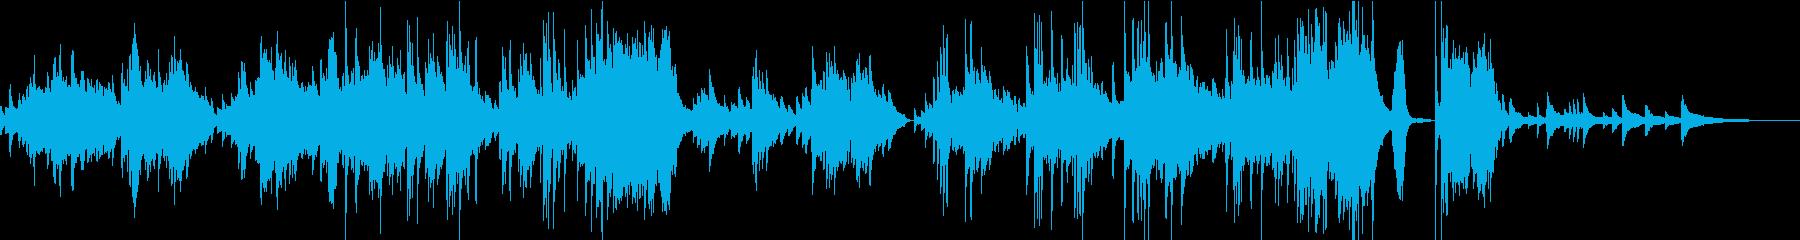 心を穏やかにする幻想的なピアノバラードの再生済みの波形